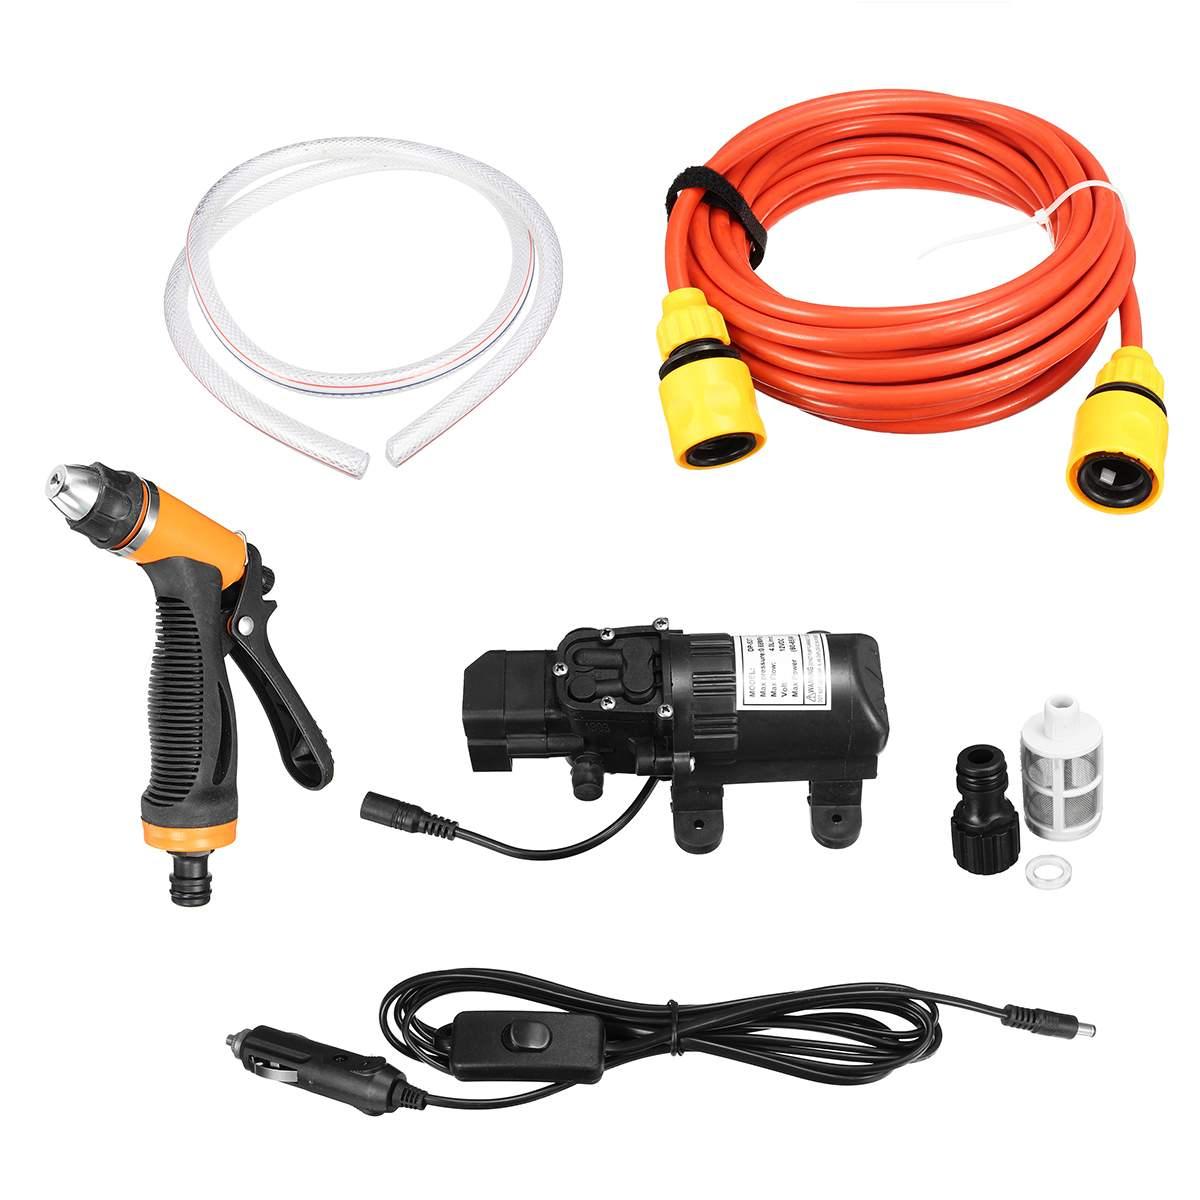 Lave-auto 12 V 65 w 4L/min haute pression lave-auto pompe à eau Kit Portable lave-linge allume-cigare Marine pont pulvérisateur